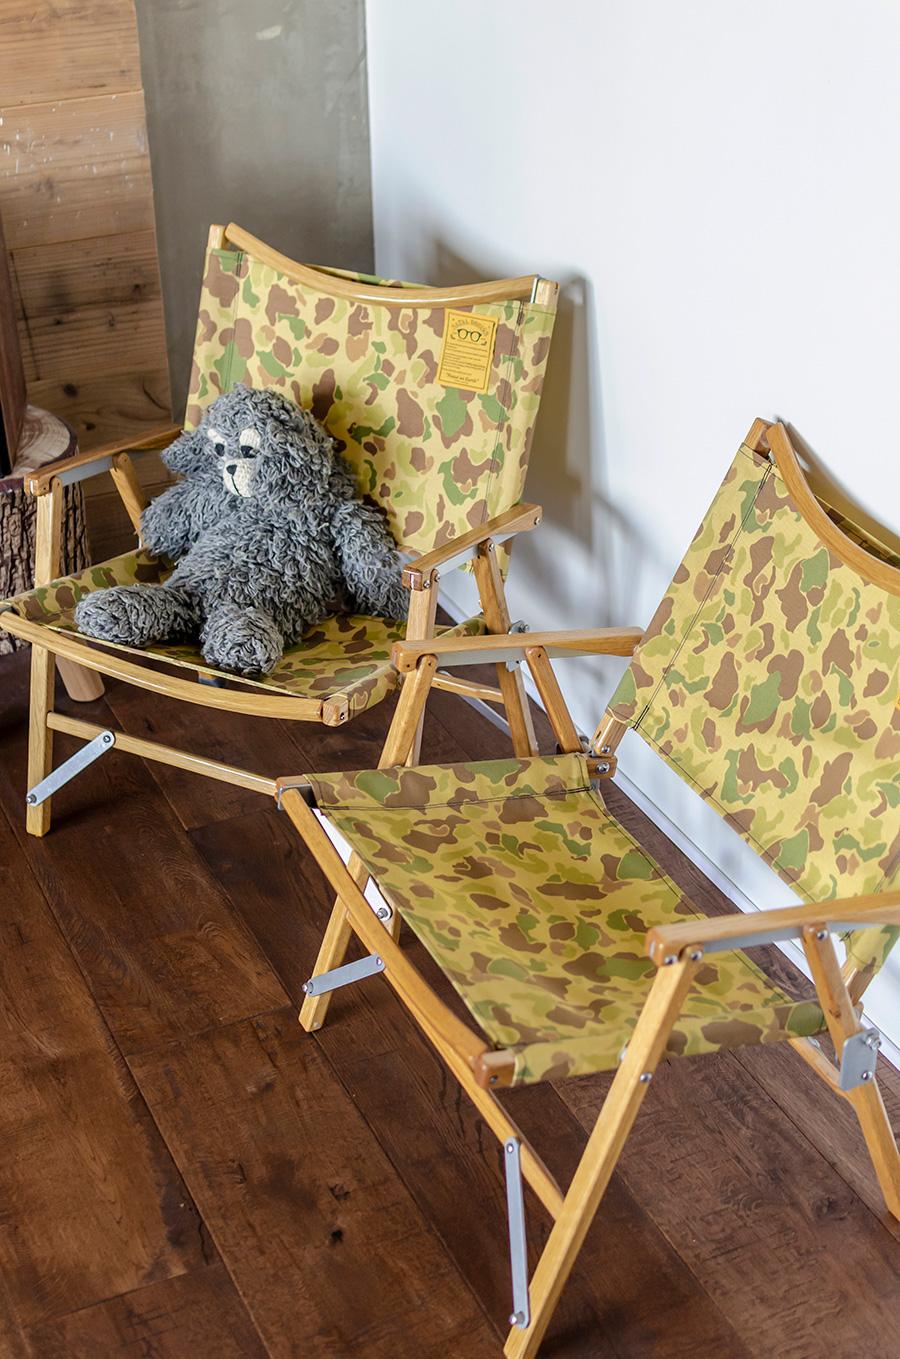 キャンパーに愛され続ける「Kermit Chair」の椅子。